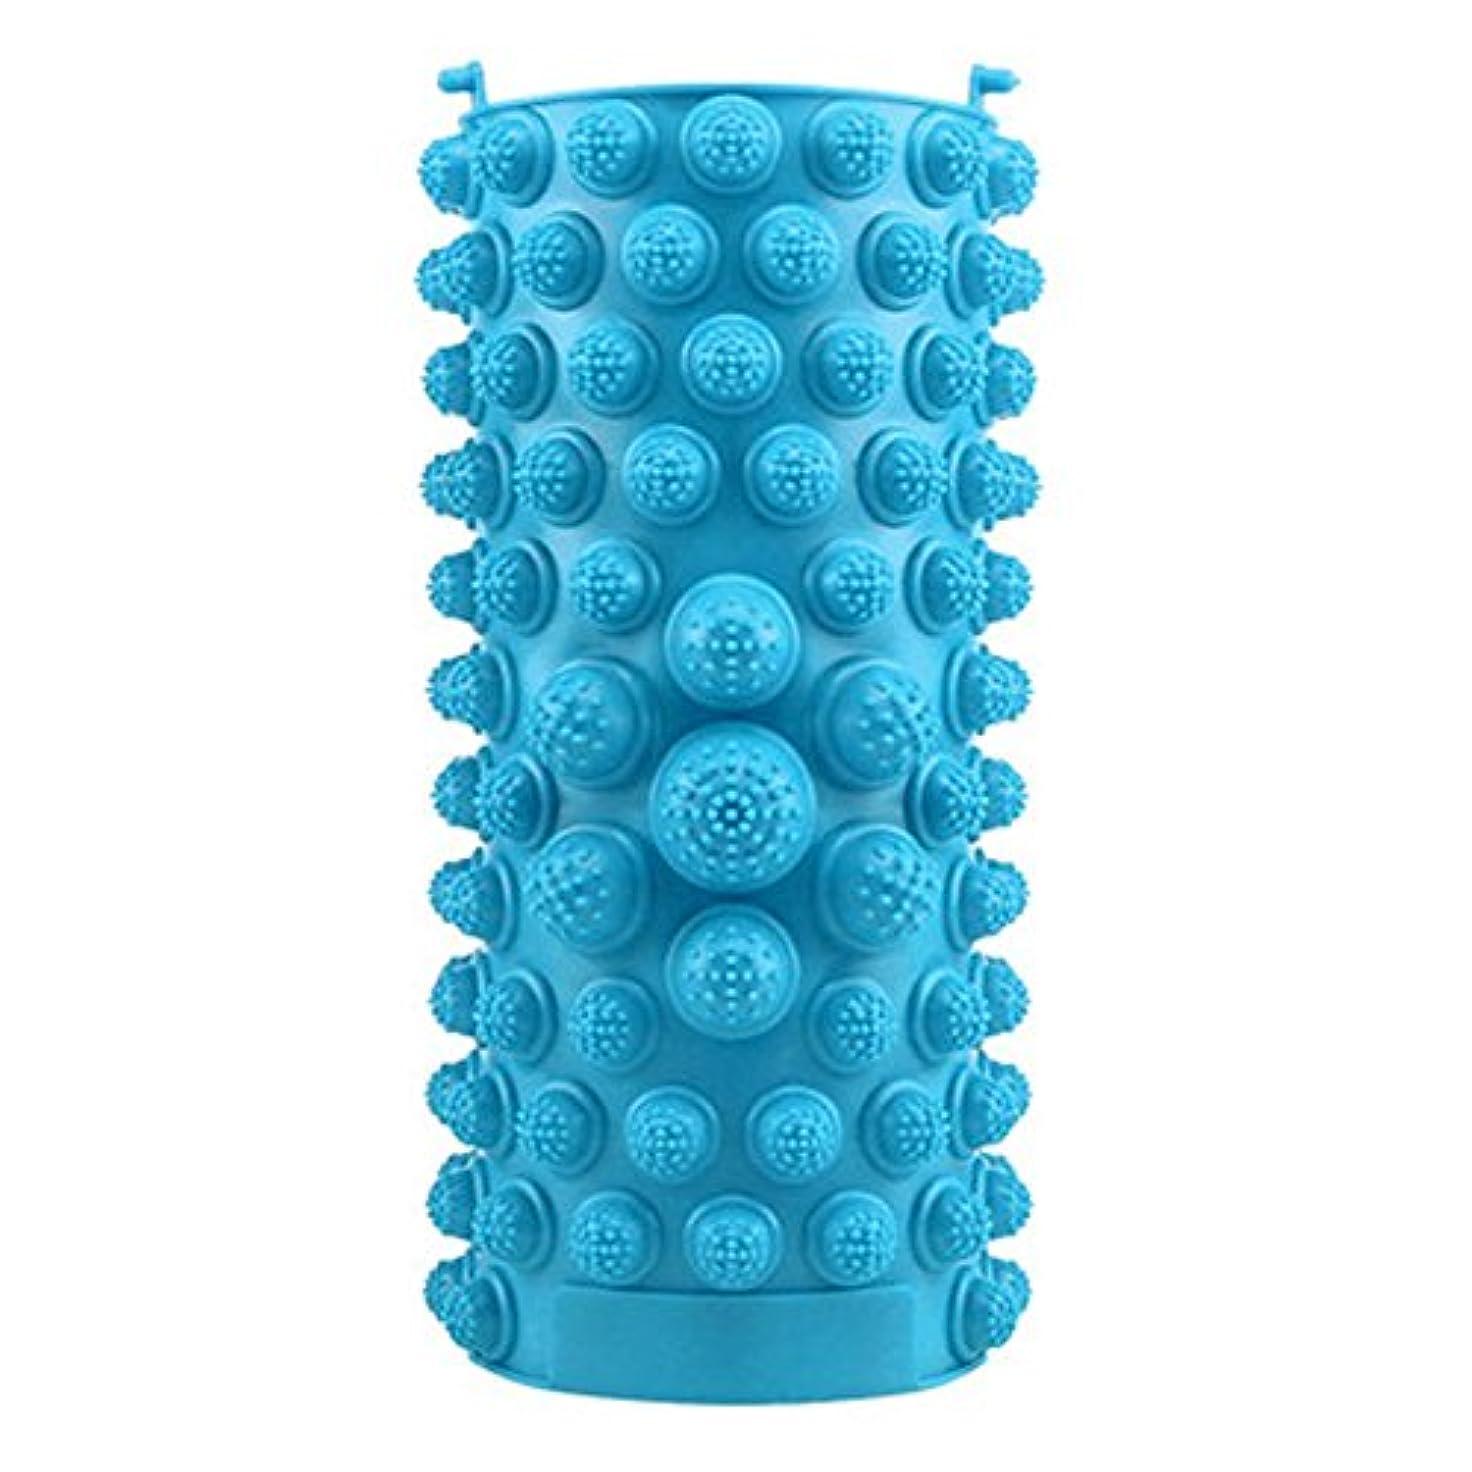 ブルゴーニュデッドストラトフォードオンエイボンYZRCRKFad's Dayギフトマッサージクッション子供ホームマッサージクッションフットマッサージクッション鍼灸ポイントフットパッドマッサージクッション (色 : 青)